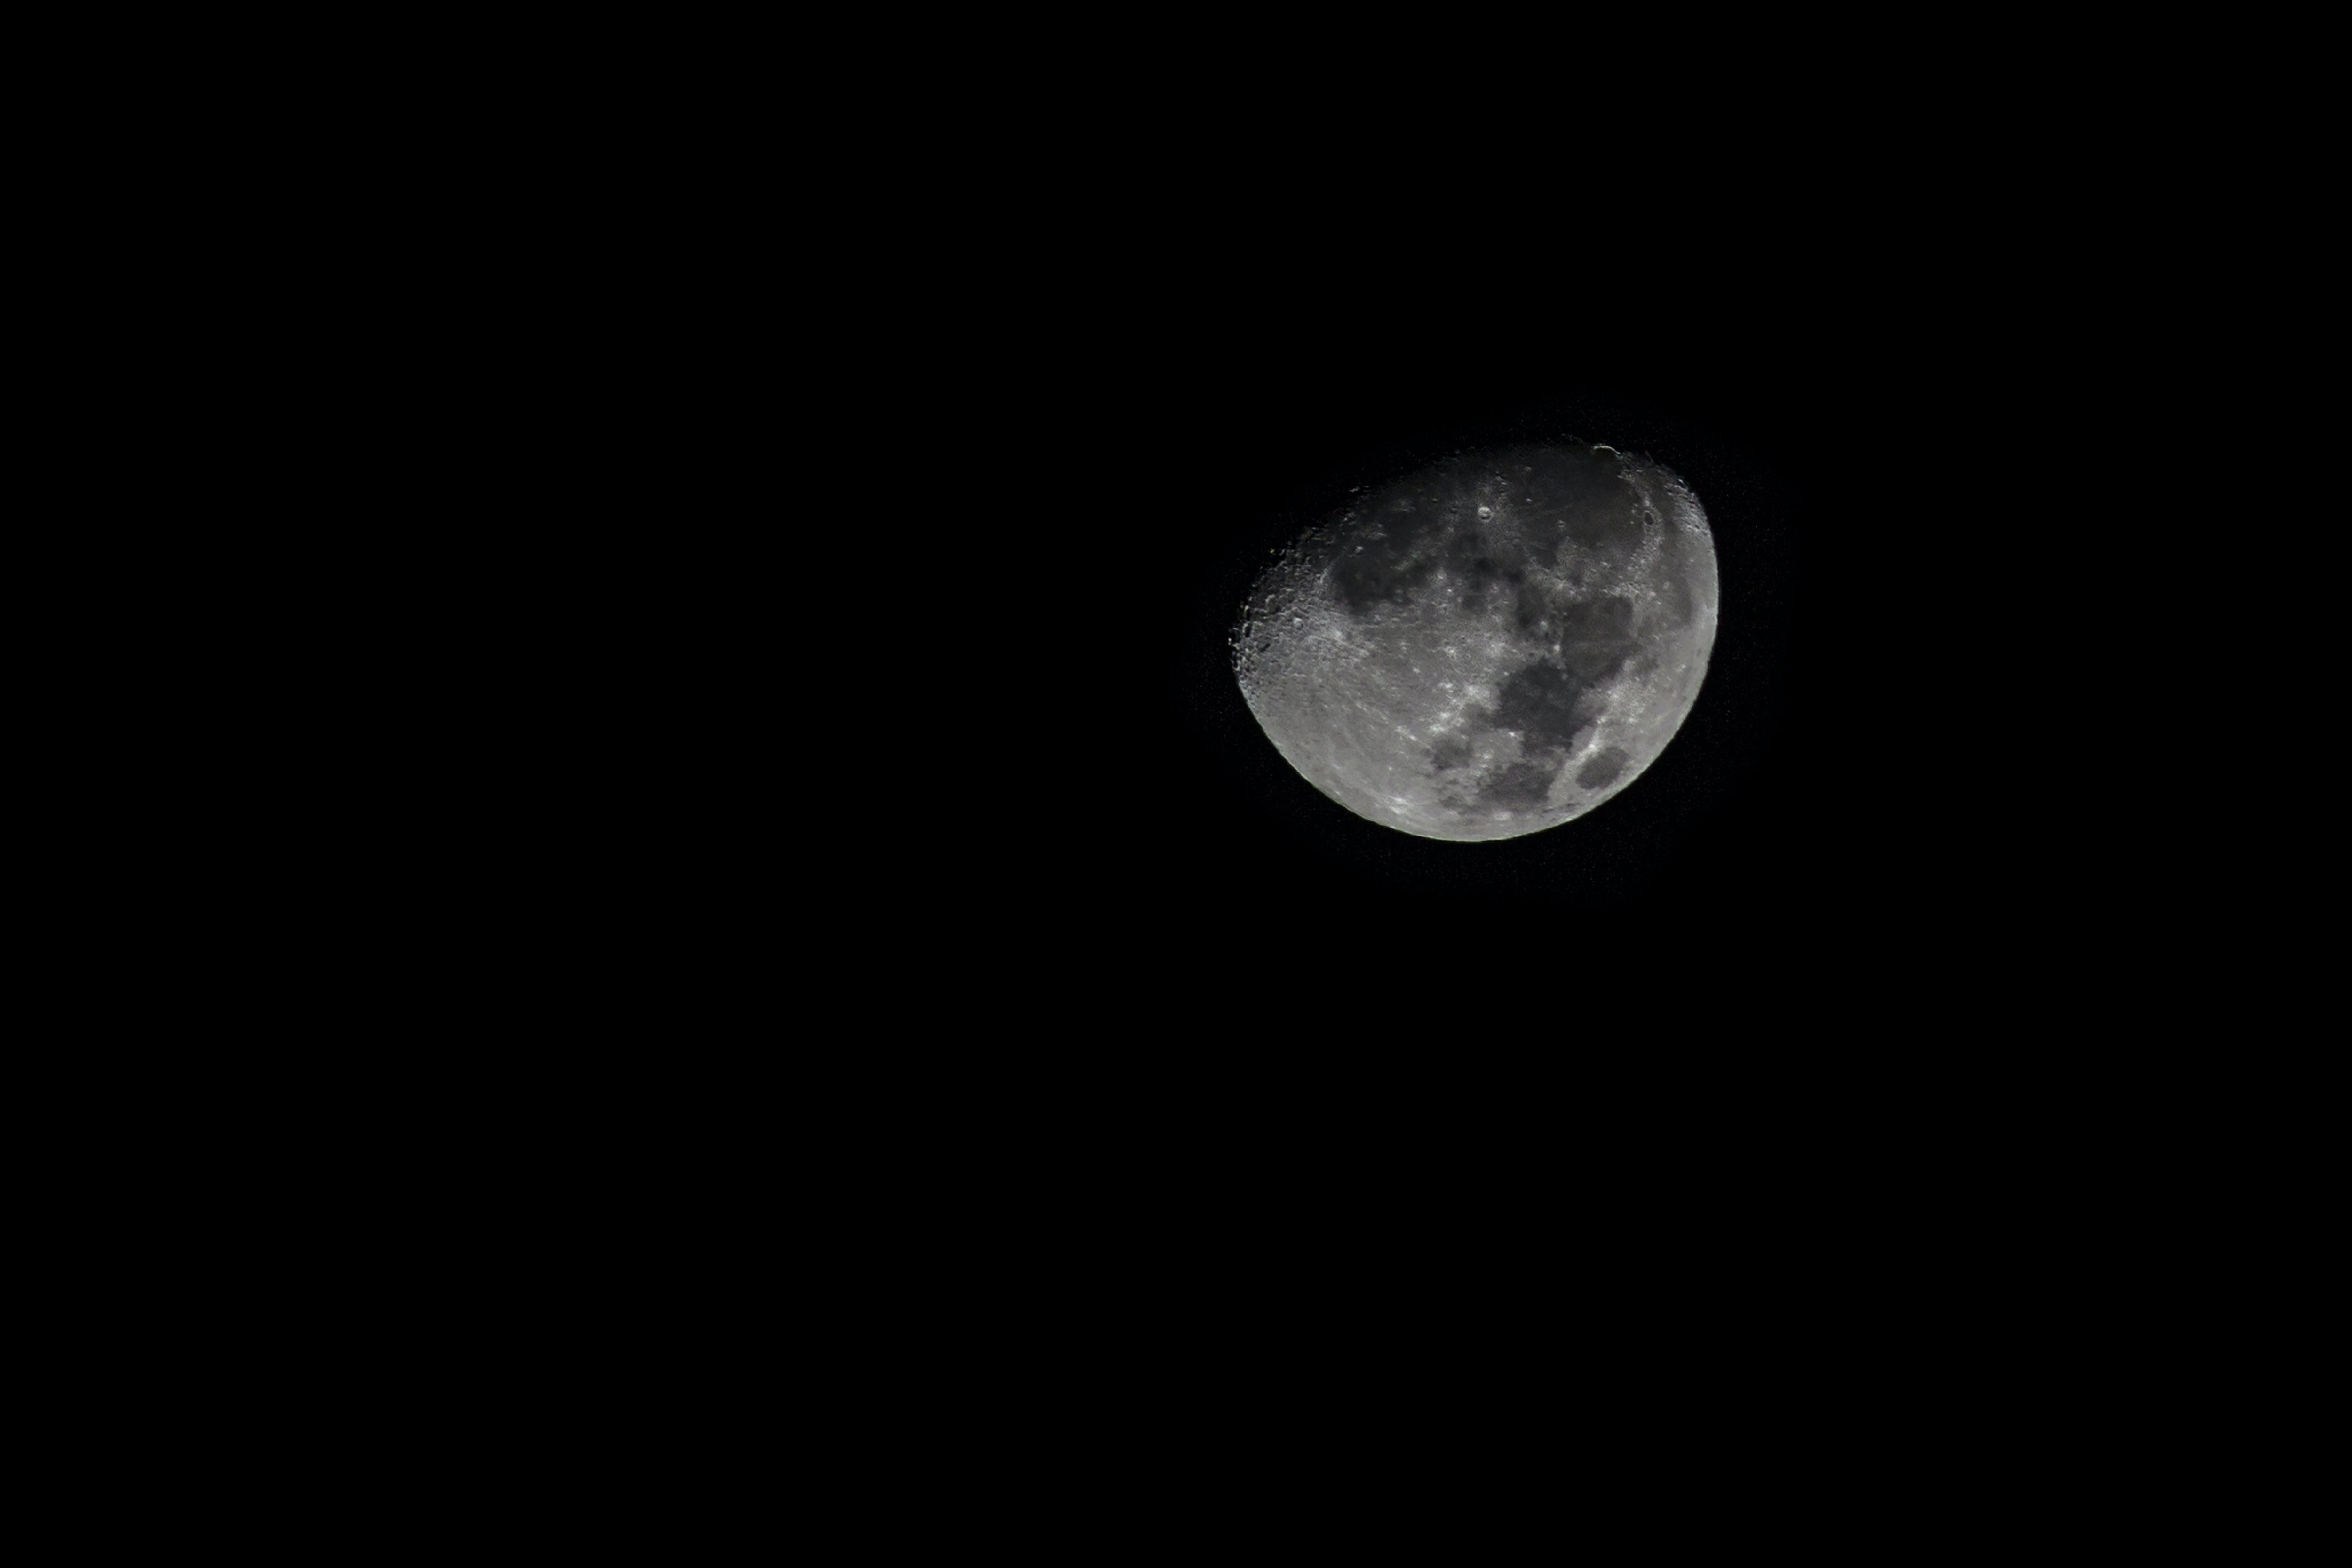 Fotos de stock gratuitas de blanco y negro, Luna, luz de la luna, noche